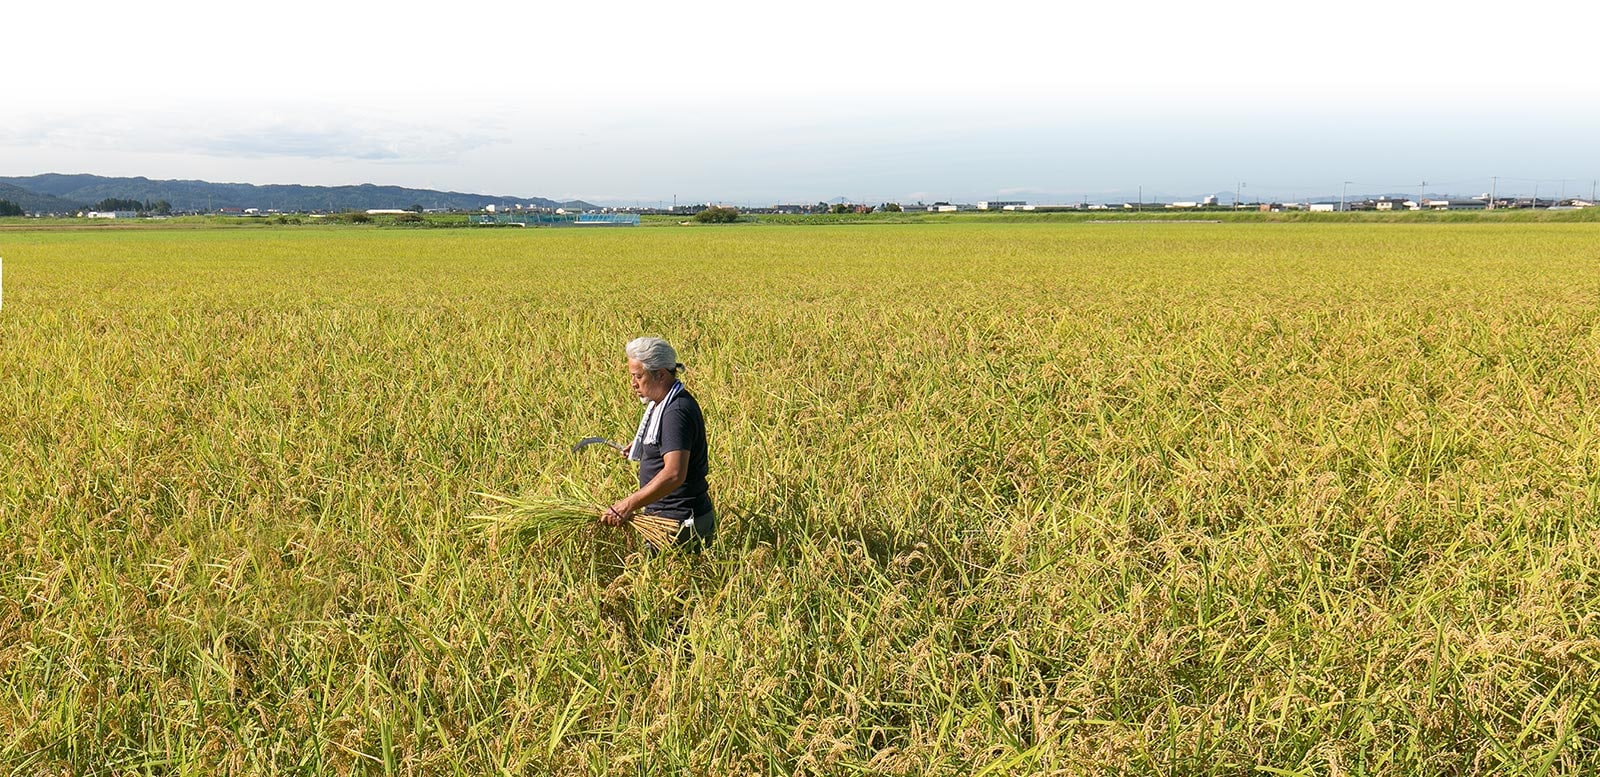 300年以上続く、米づくりへのこだわり